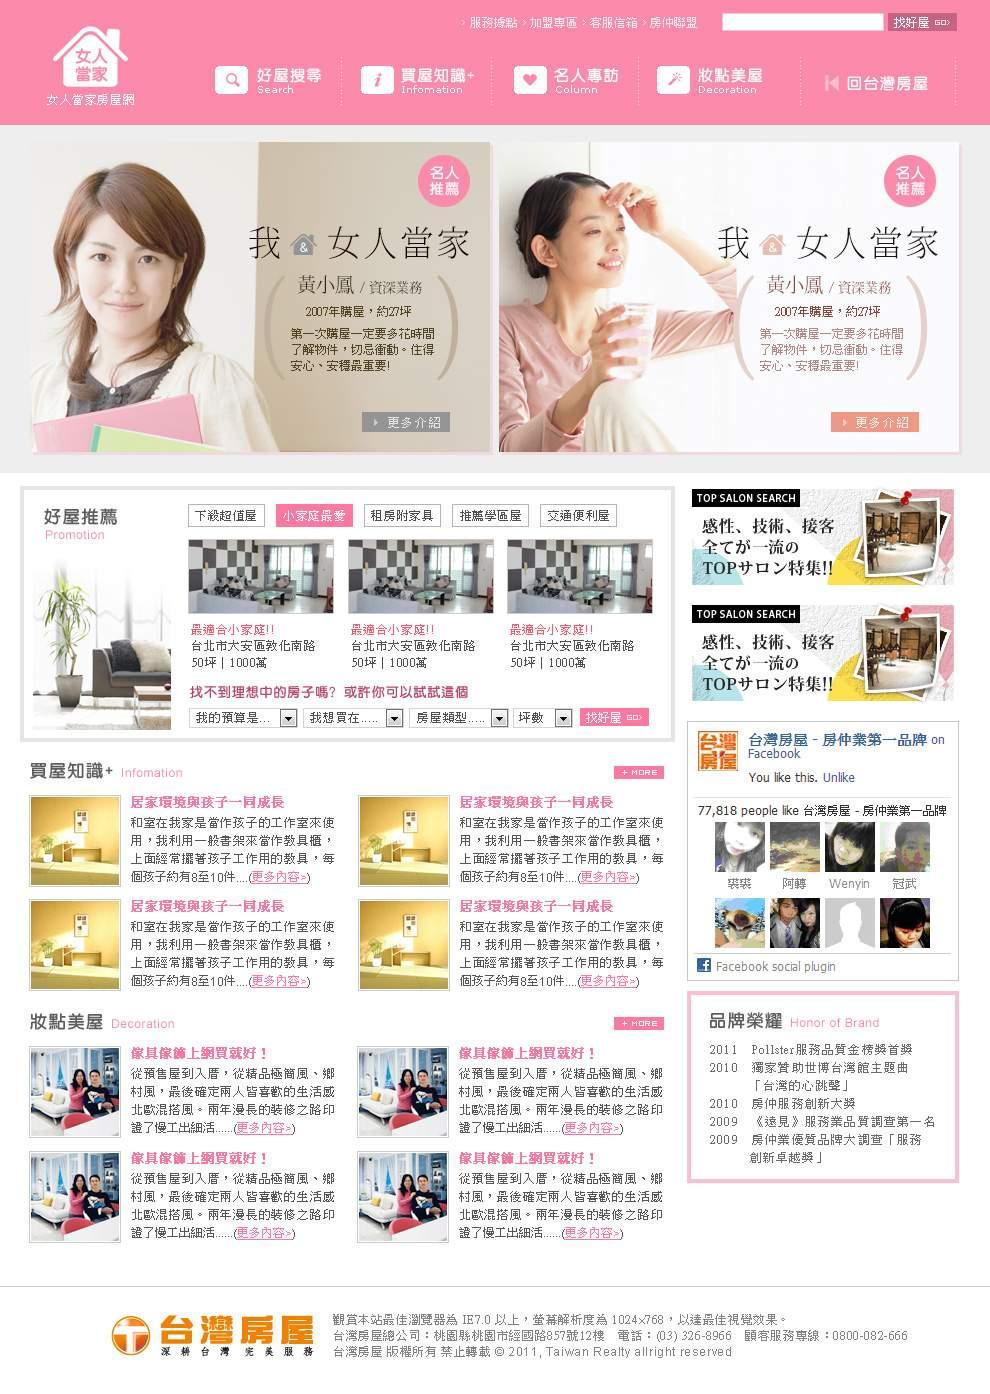 (槍稿)台灣房屋。女人當家官網